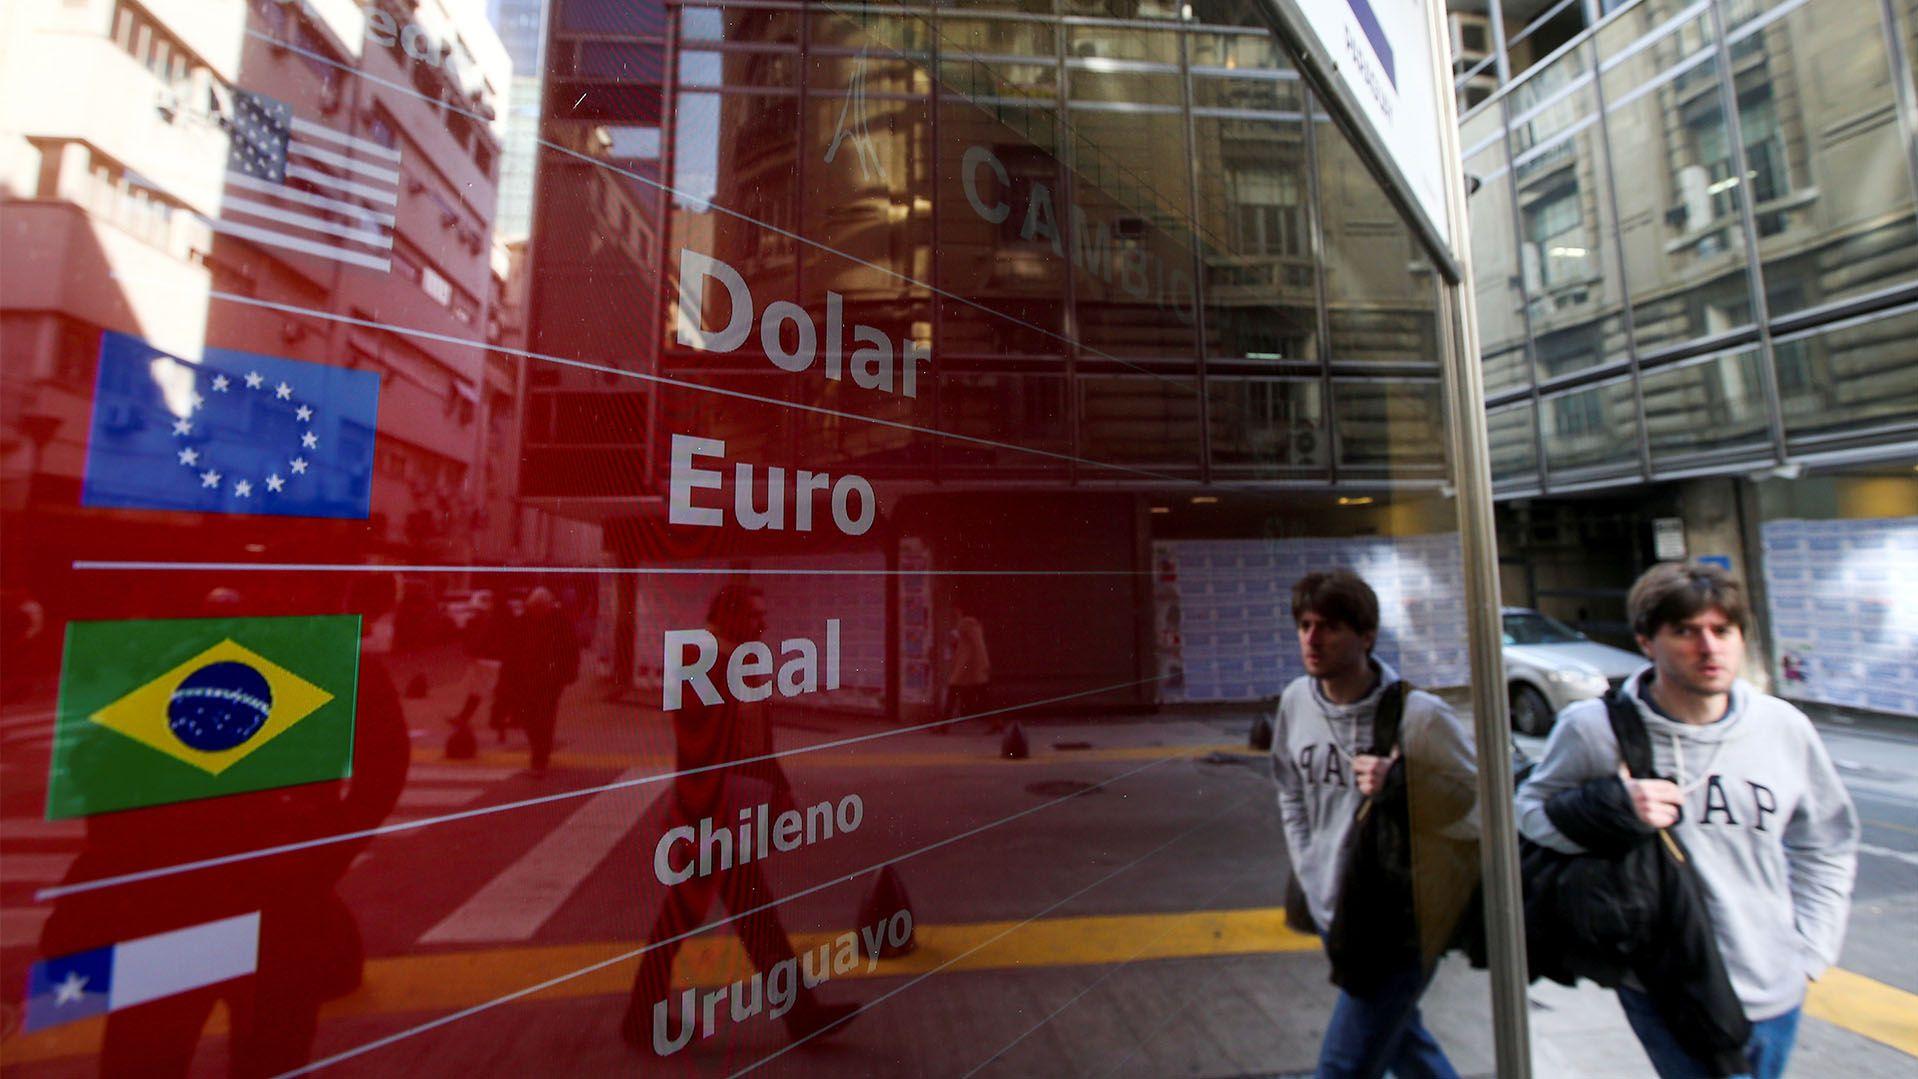 El precio en pesos de las monedas estables que siguen al dólar suele estar entre el valor del contado con liquidación y el del dólar libre (REUTERS/Agustín Marcarian/File Photo)